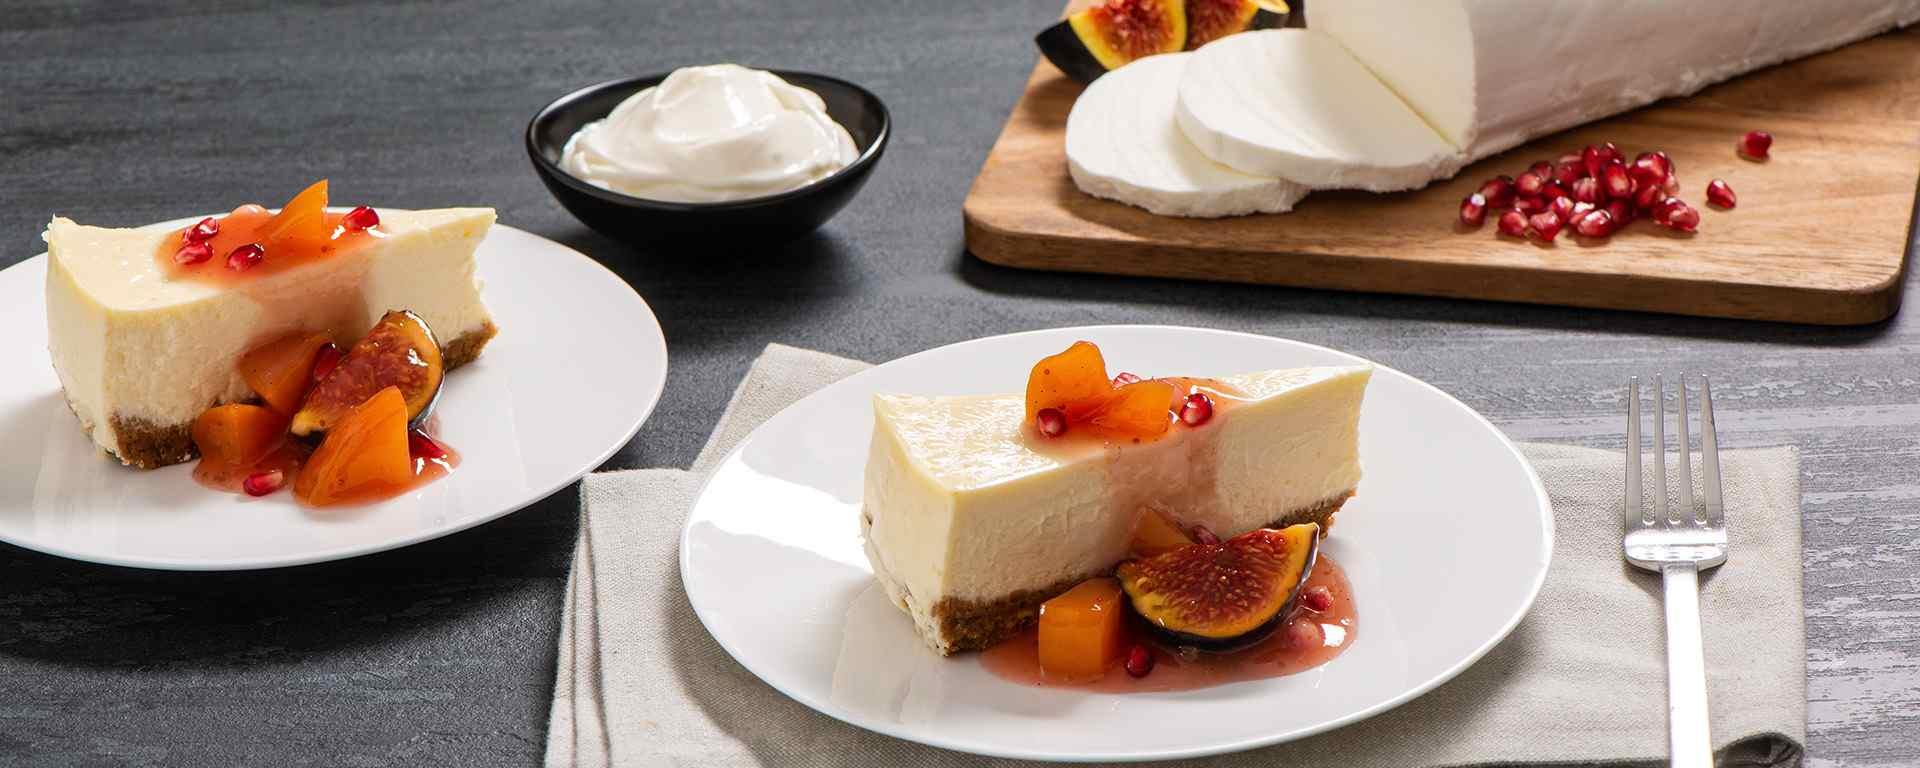 Photo for - Gâteau au fromage de chèvre avec croûte de pistache et fruits pochés